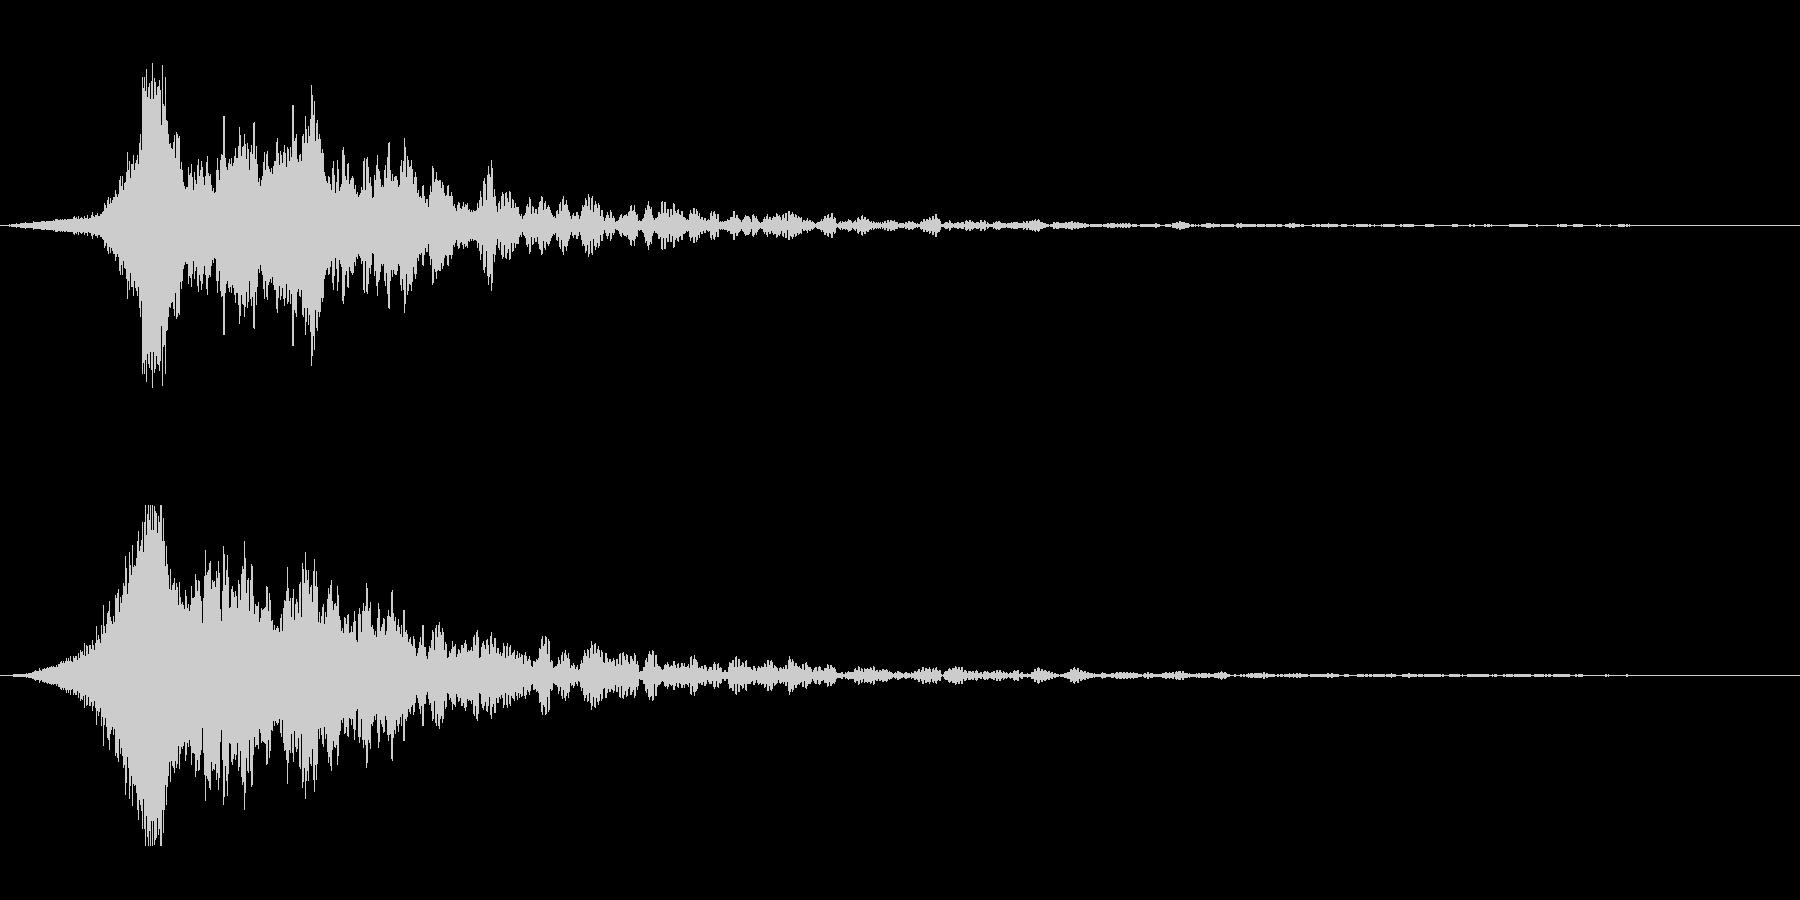 ホラー系アタック音81の未再生の波形